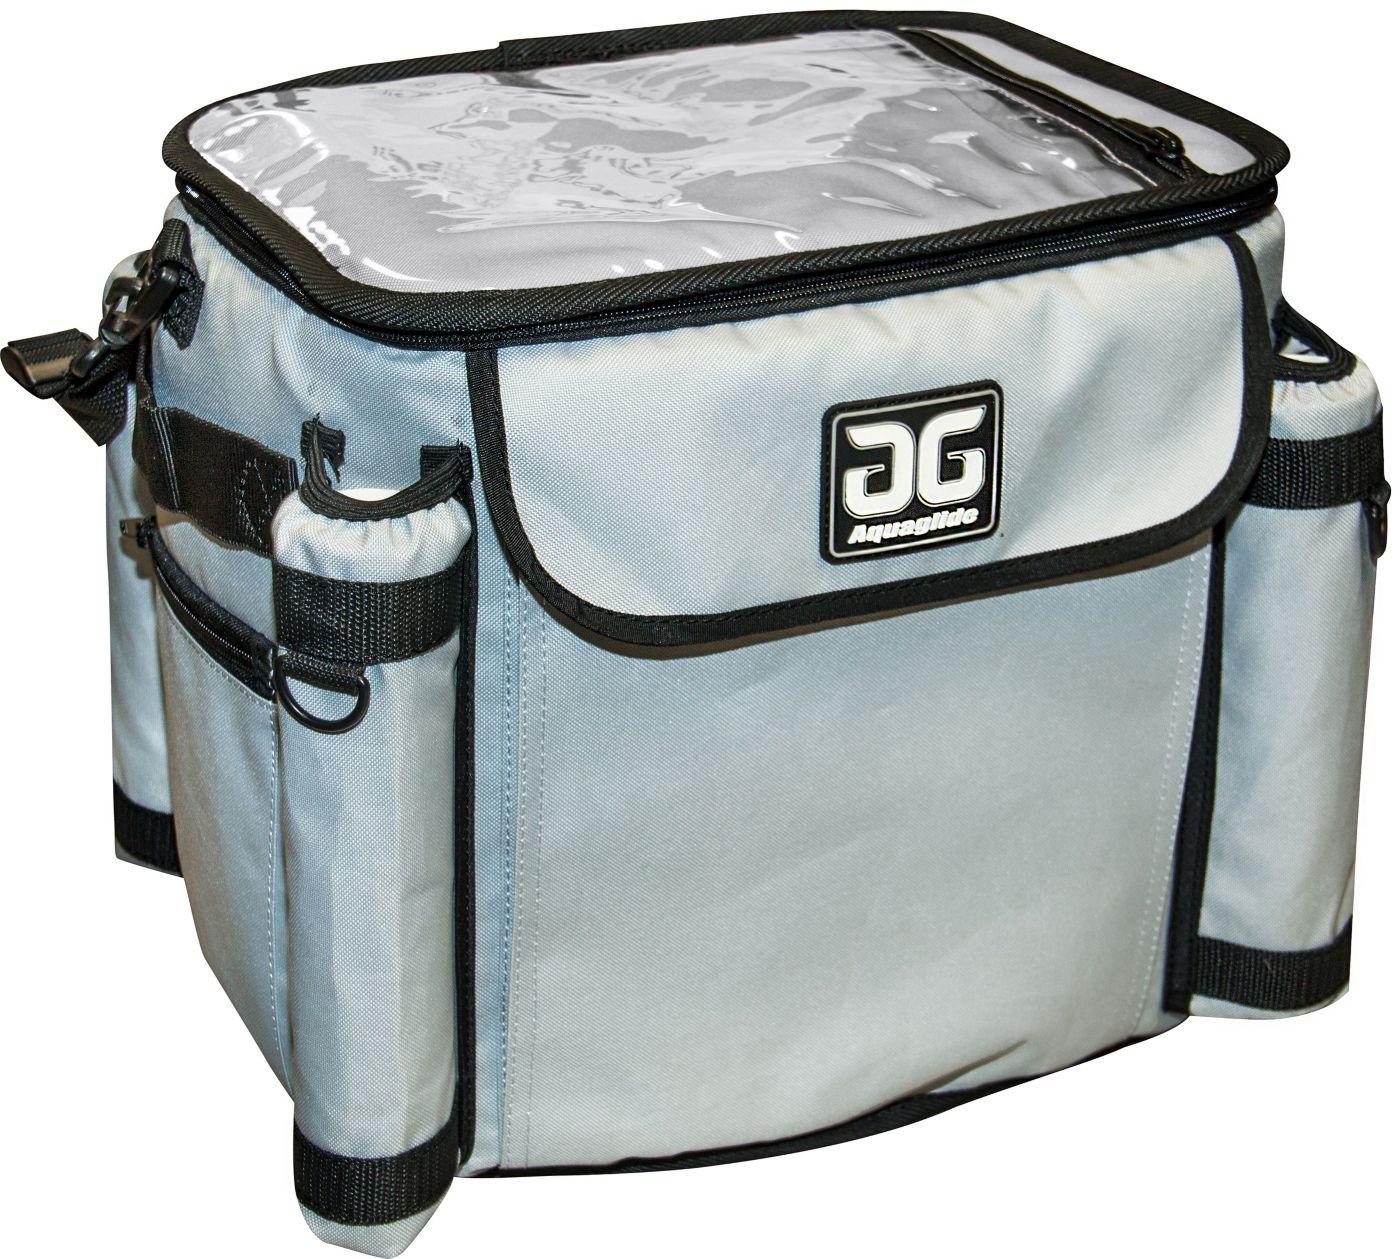 Aquaglide Fishing Cooler